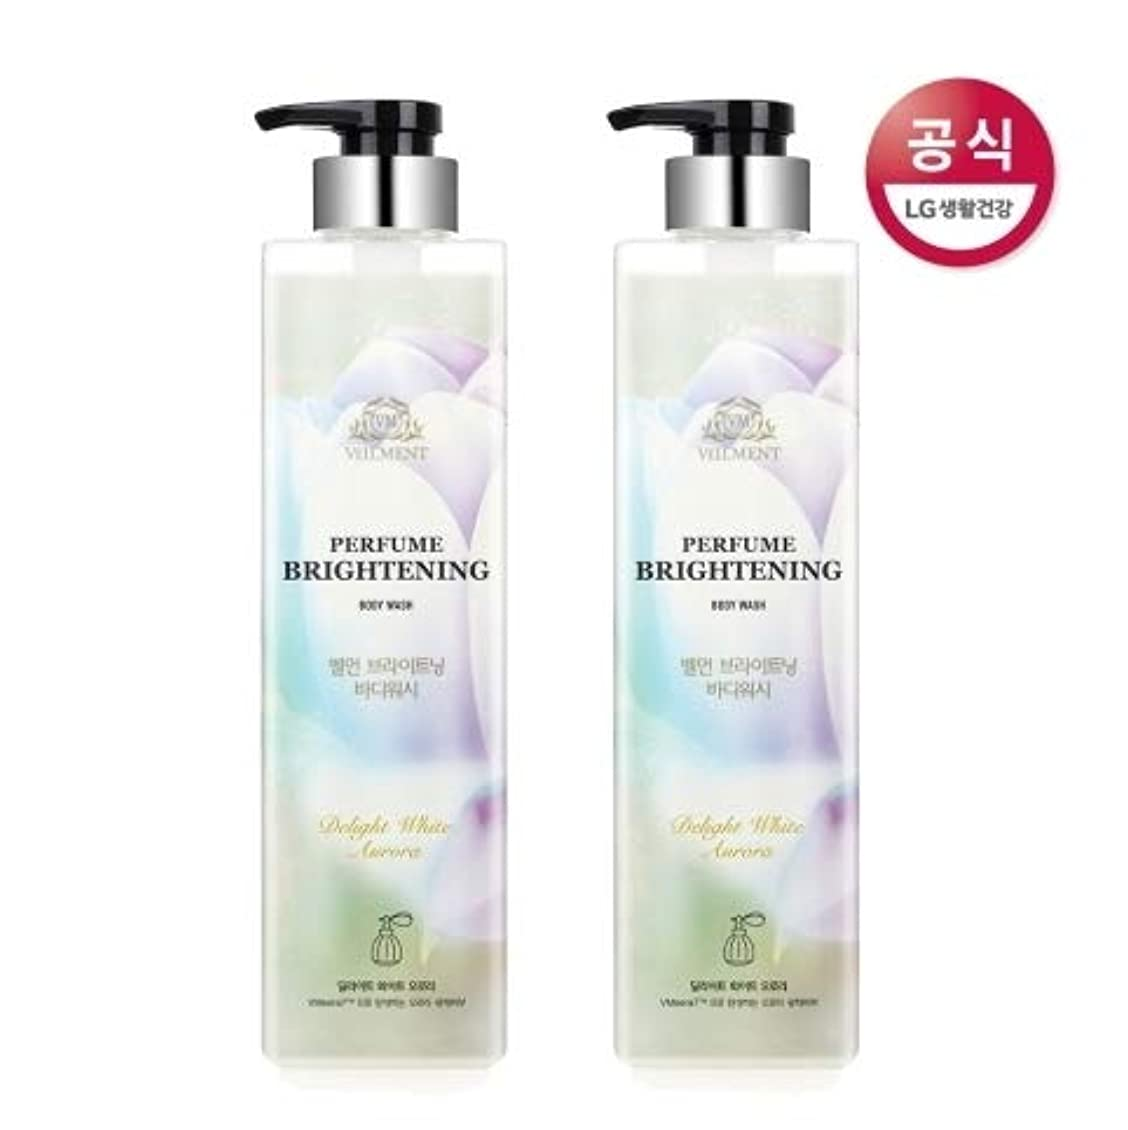 優遇栄光の協定[LG HnB] On the Body Belman Perfume Brightening Body Wash / オンザボディベルモンパフュームブライトニングボディウォッシュ680mlx2個(海外直送品)